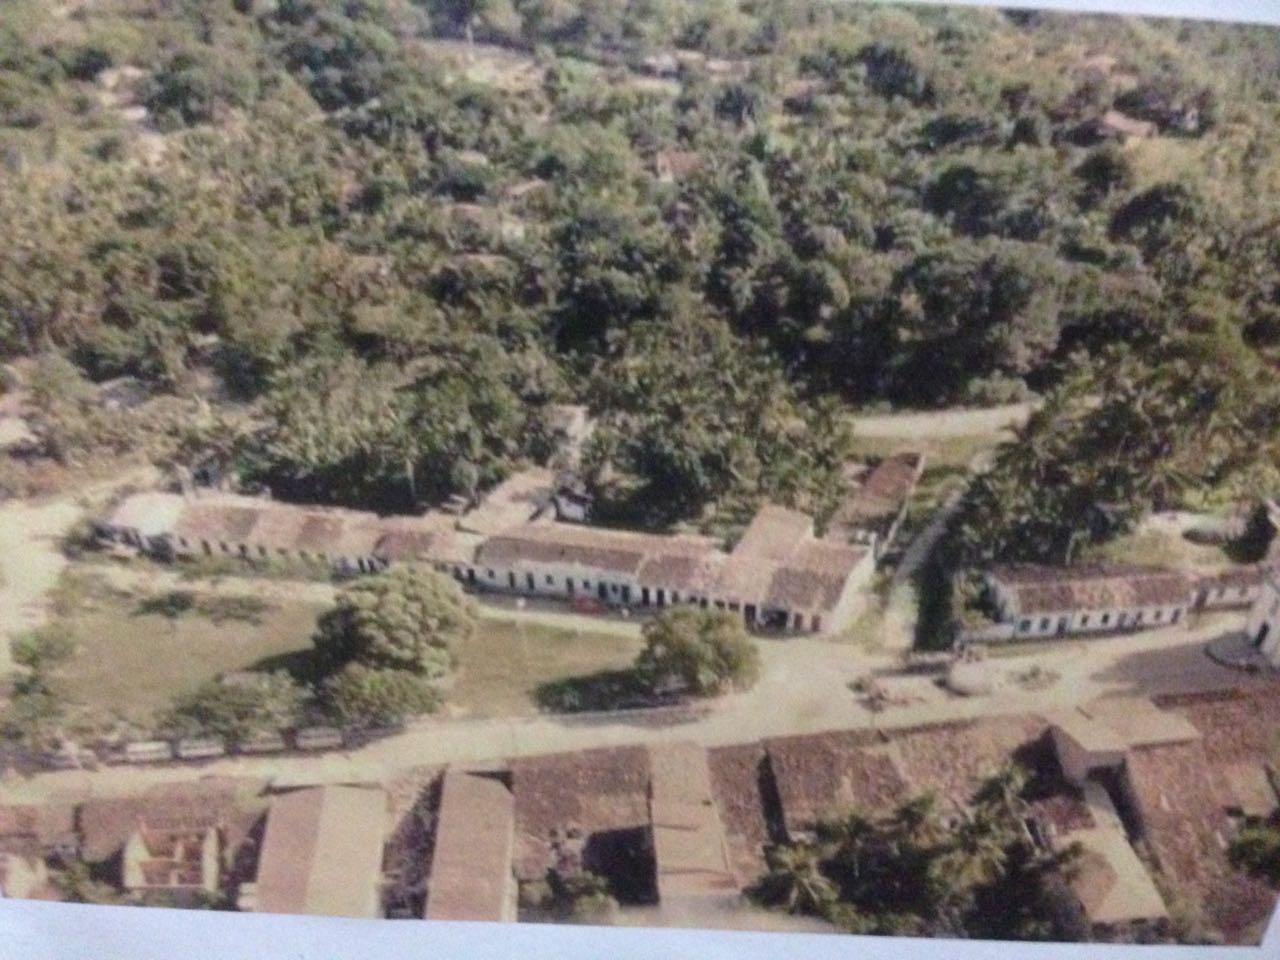 Vista aérea da Praça da Igreja